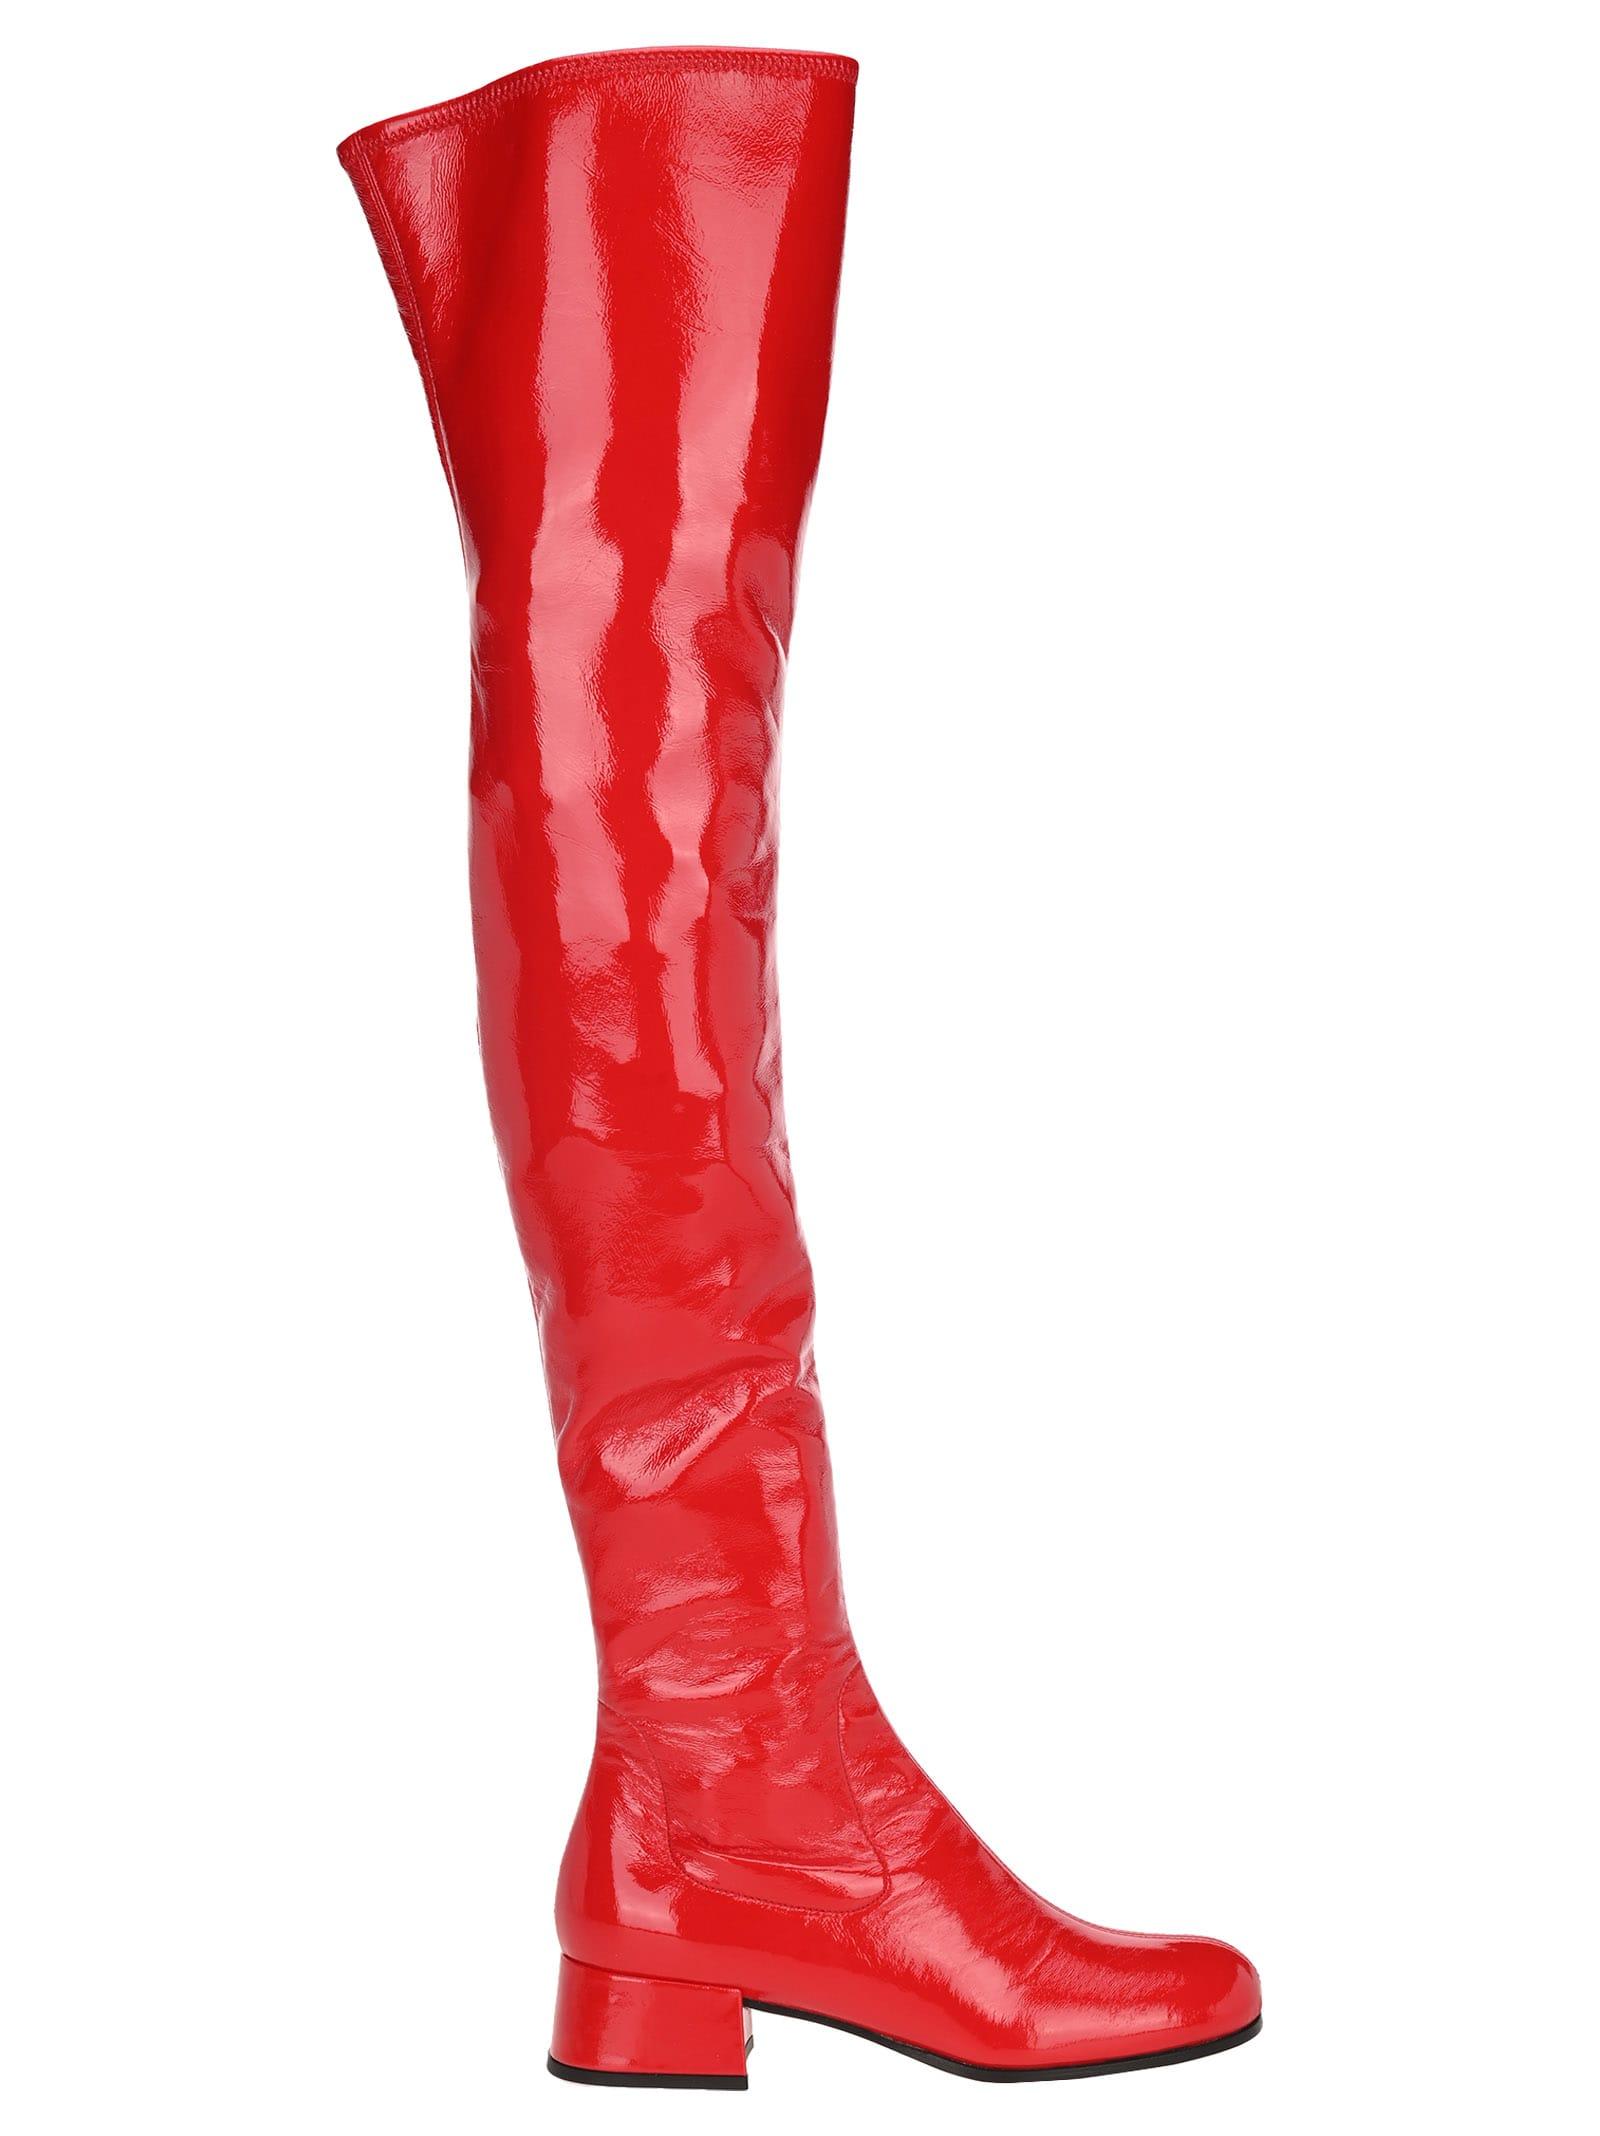 Prada Thigh High Boots